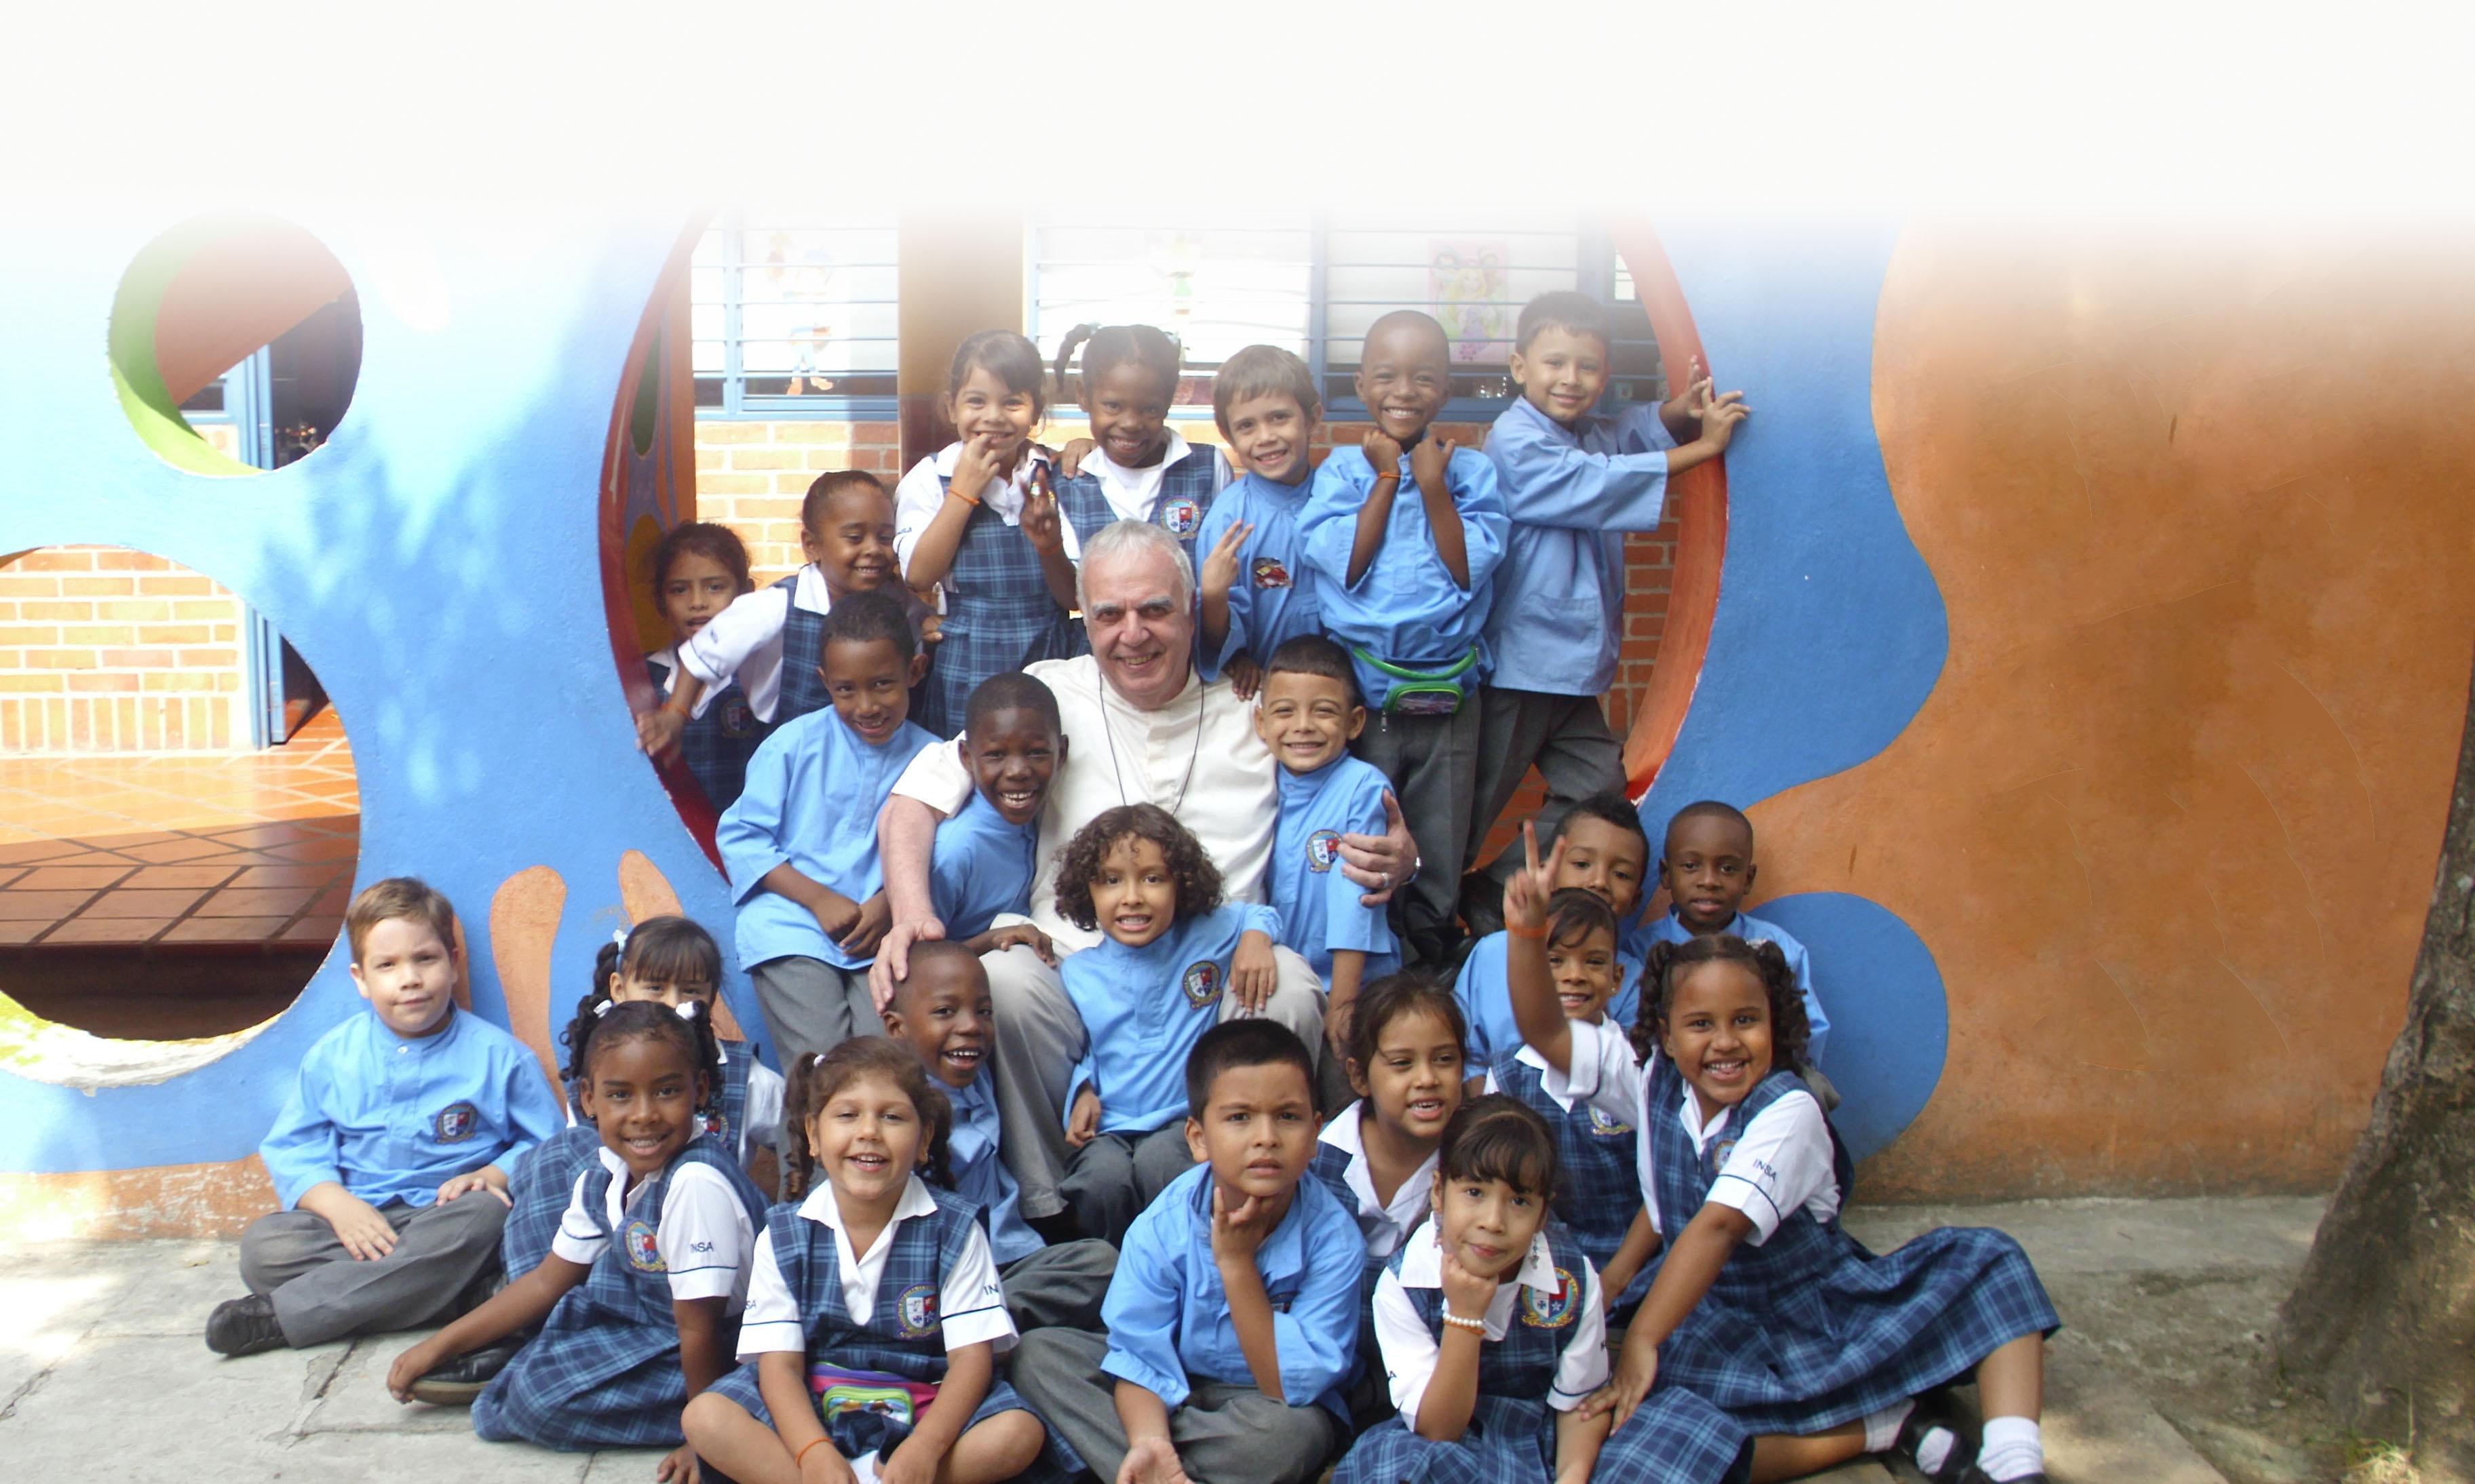 Basilian School in Colombia